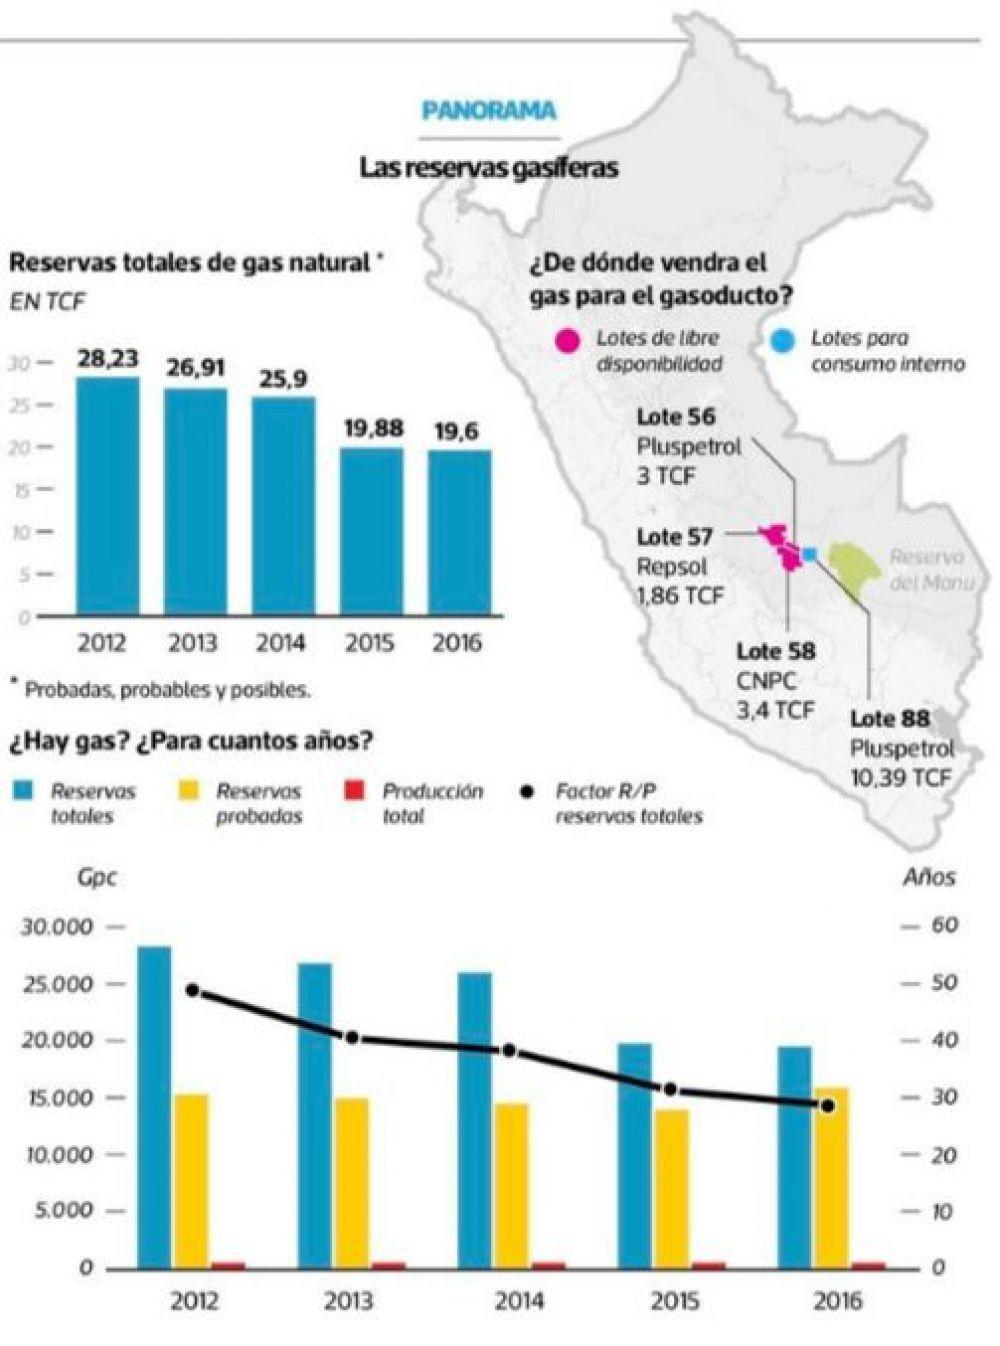 Infografía de las reservas de gas natural al 2016. Fuente: MEM/Promigsa/Perú-Petro, 2016. Se observa una disminución acelerada de las reservas de gas natural.